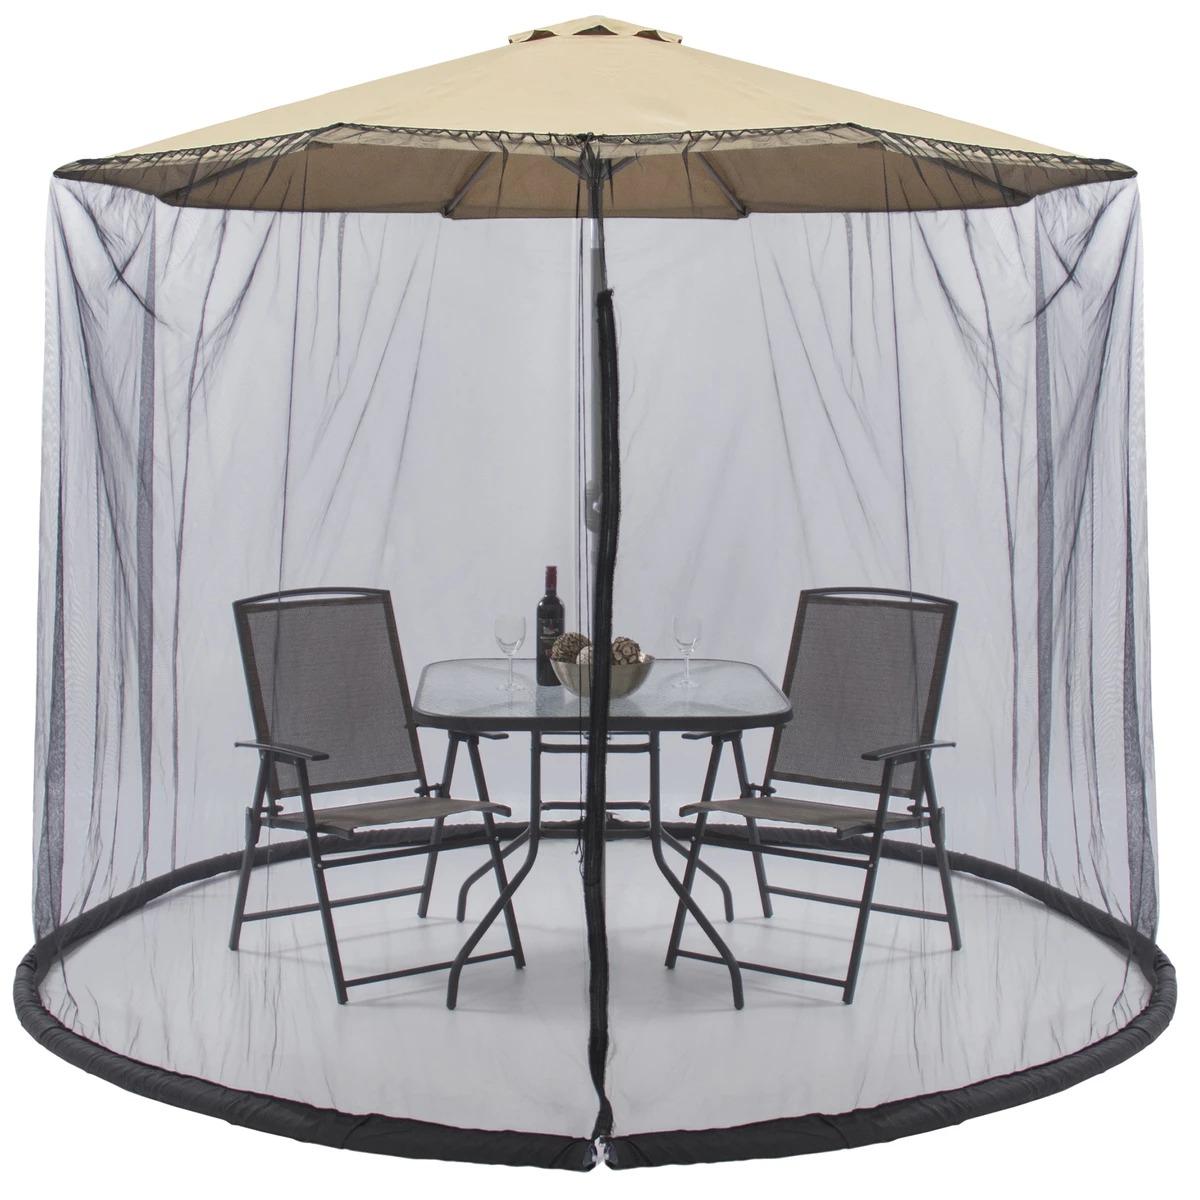 ihocon: Best Choice Products Bug Net Screen Accessory for 9ft Patio Umbrella w/ Zippered Door - Black 遮陽傘用防蚊/蟲紗帳